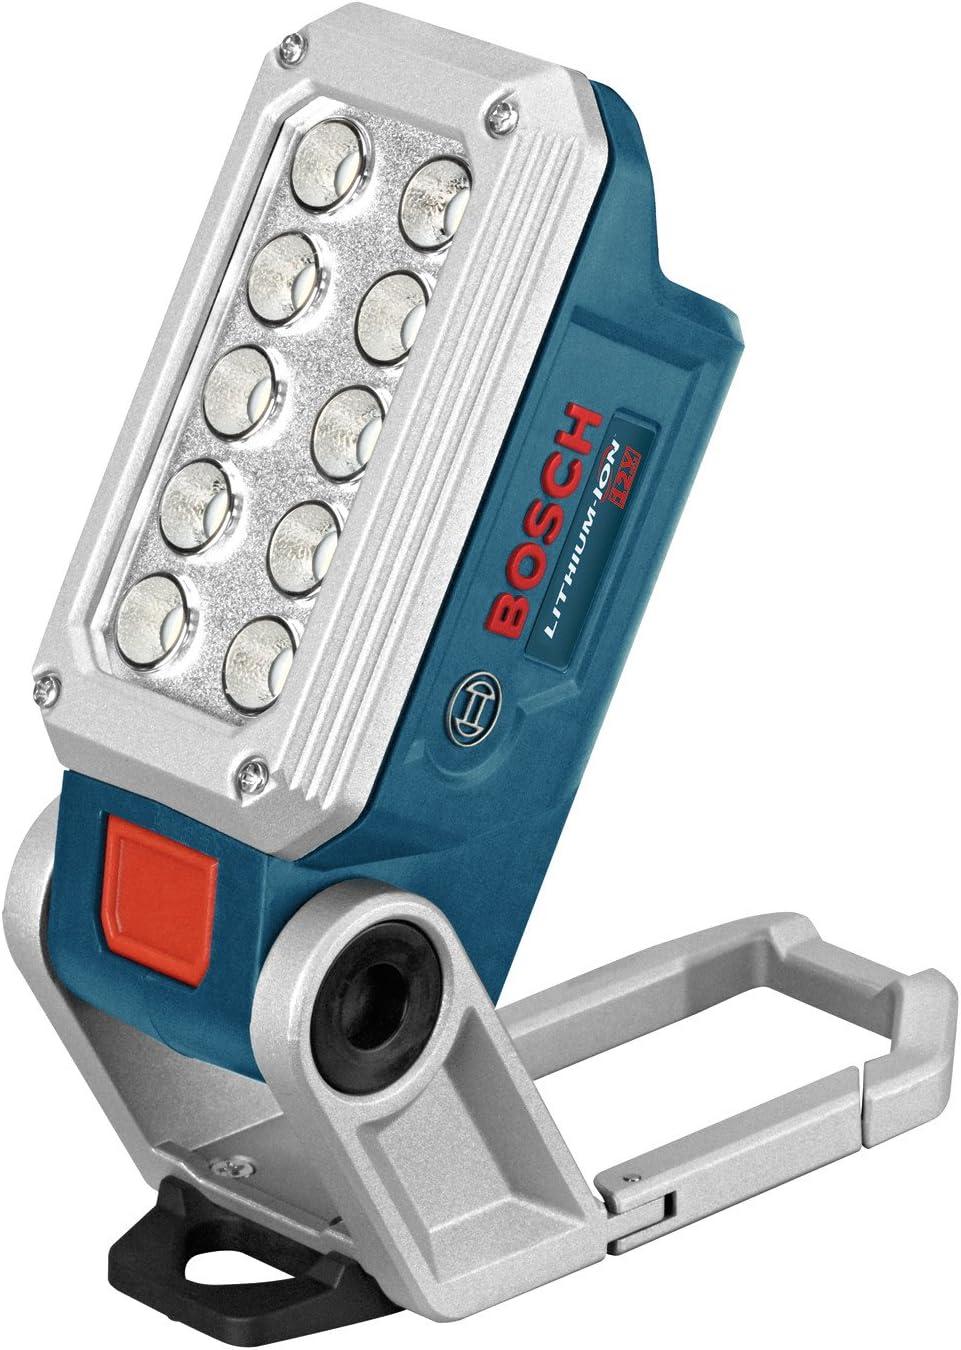 Bosch 12V Max LED Worklight (Bare Tool) FL12